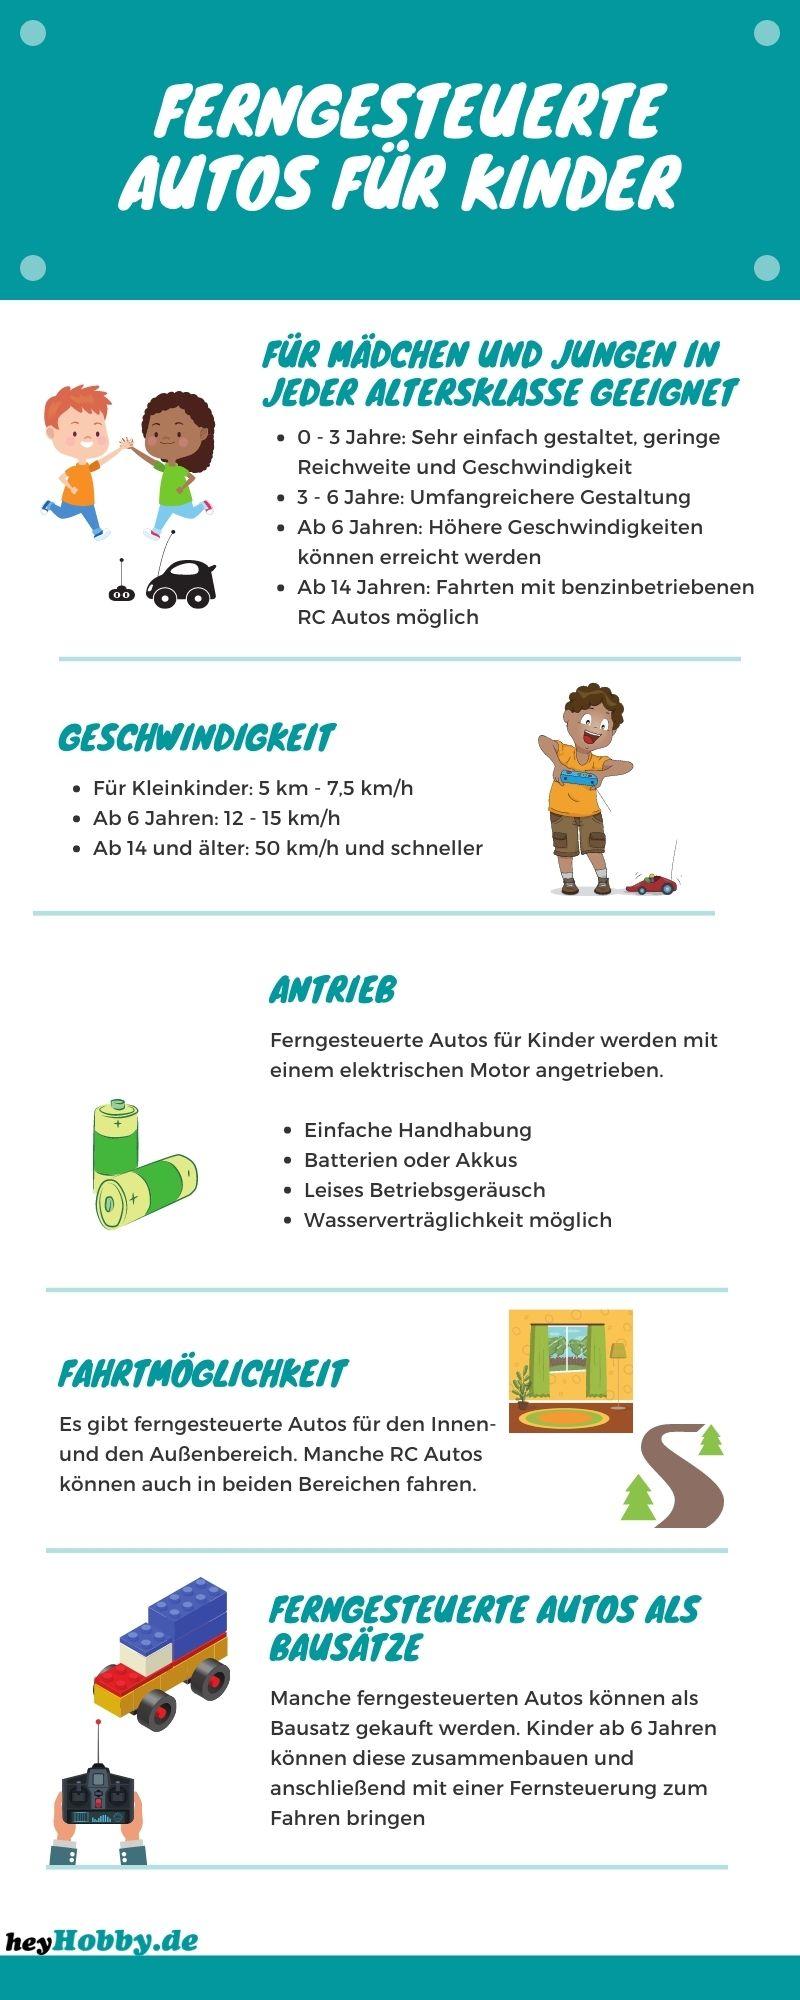 Infografik über ferngesteuerte Autos für Kinder